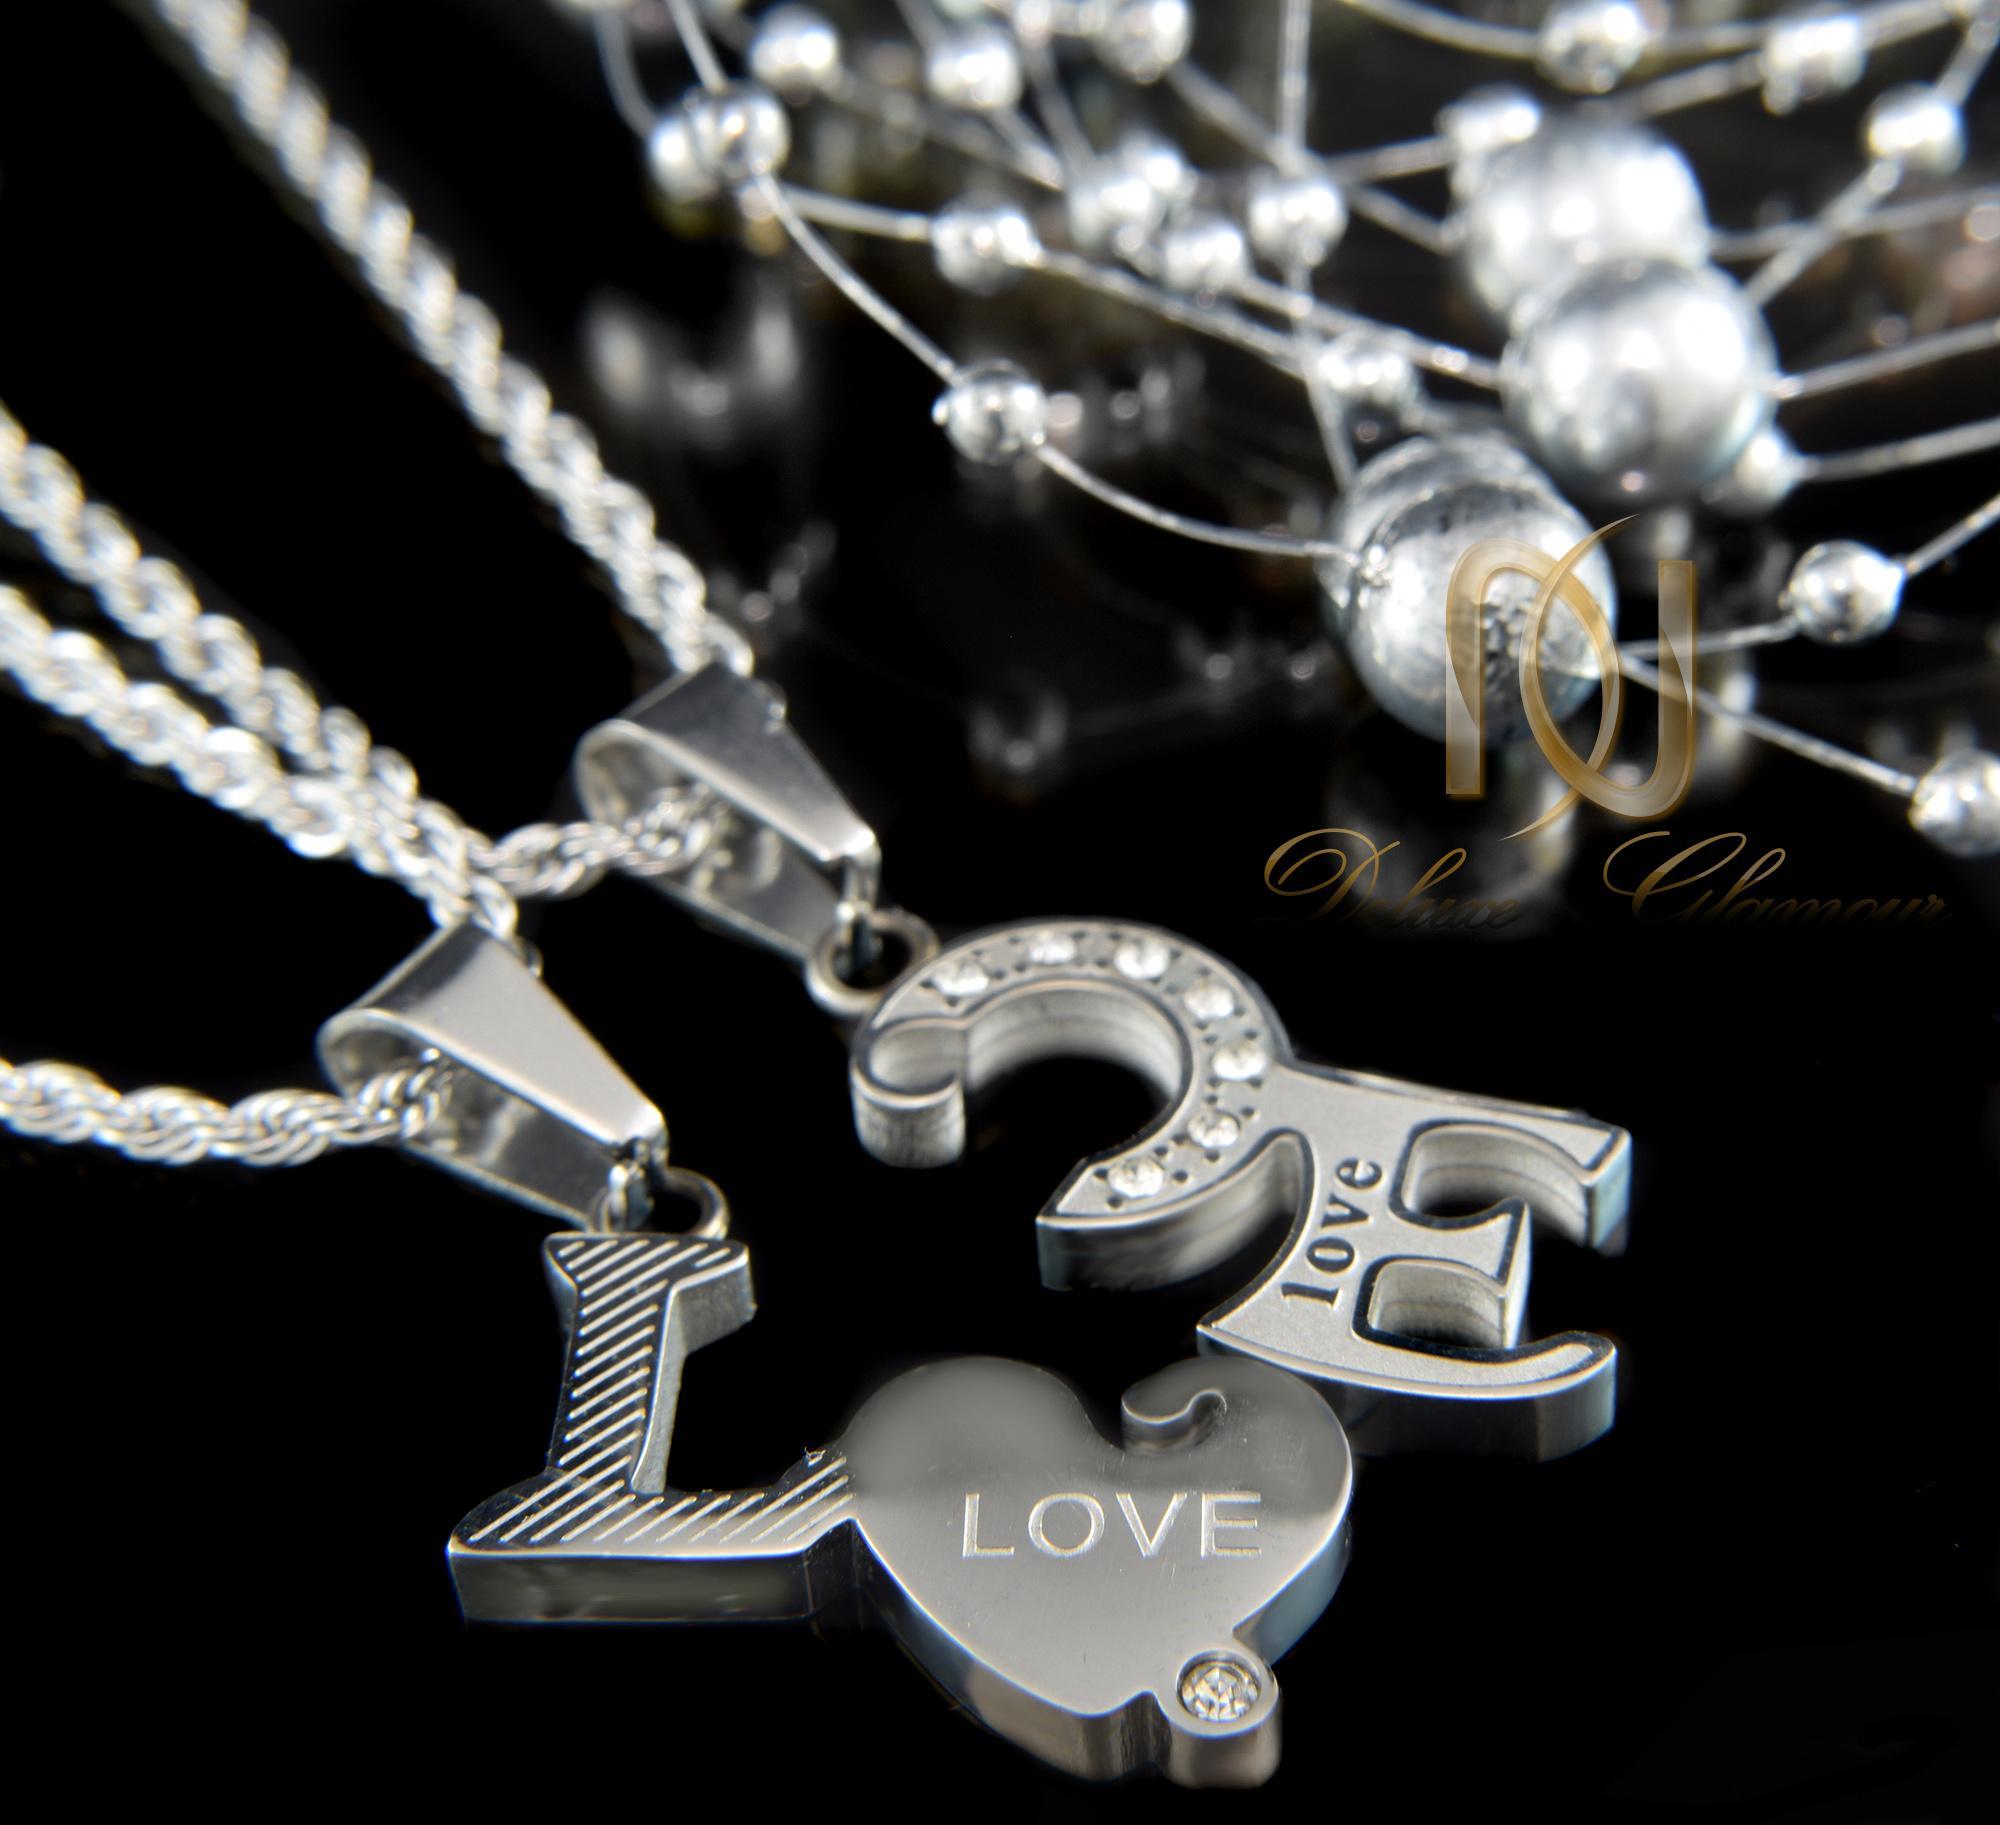 گردنبند ست عاشقانه نقره اي طرح لاو mf-n118 از نماي مشكي